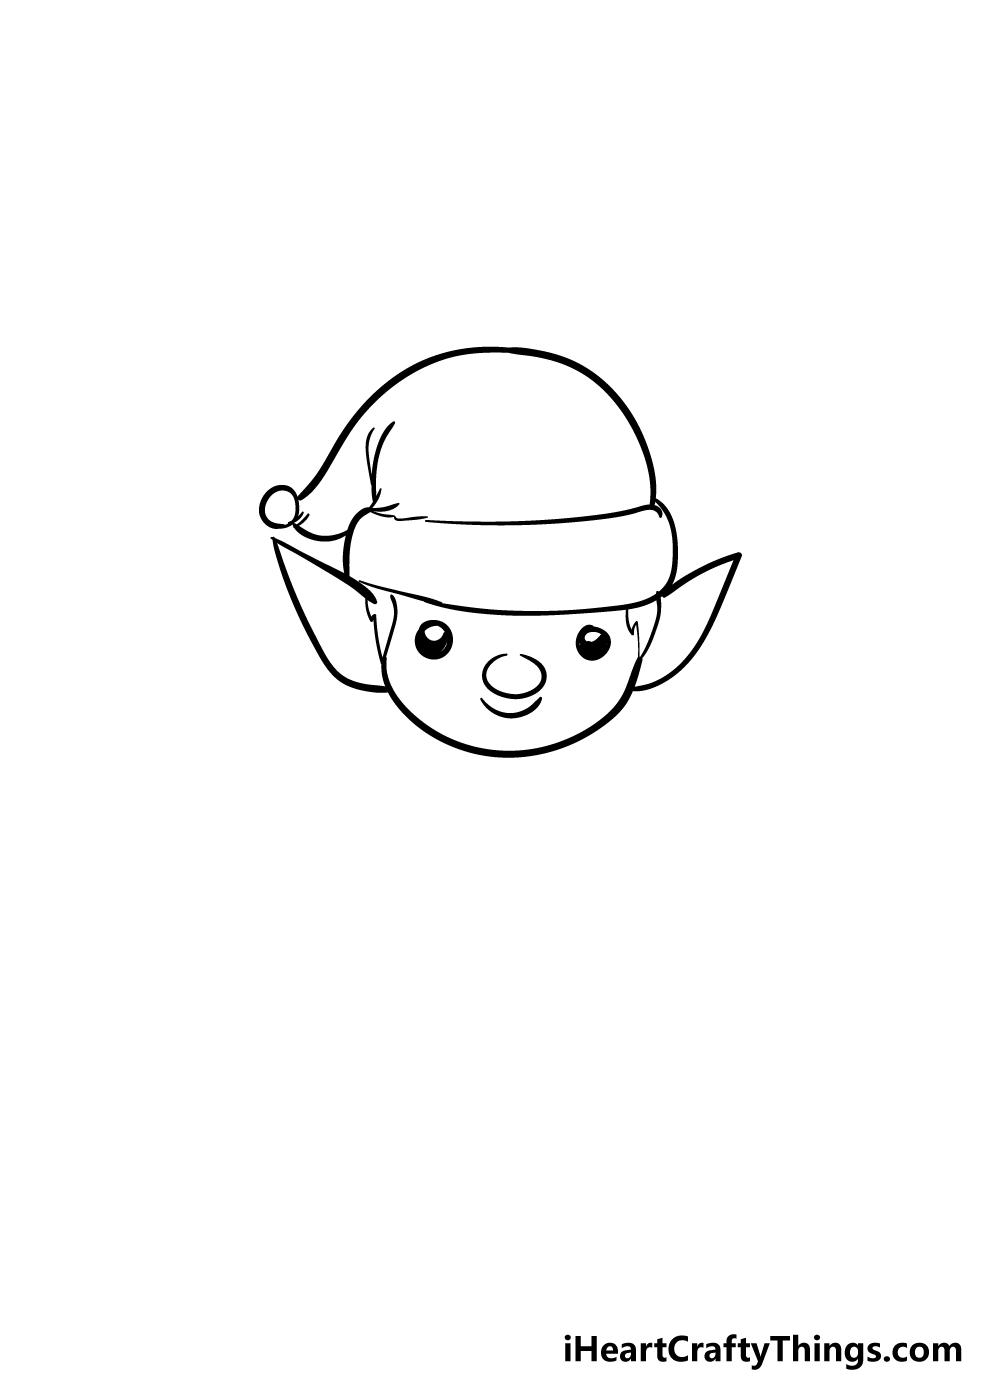 elf drawing step 3